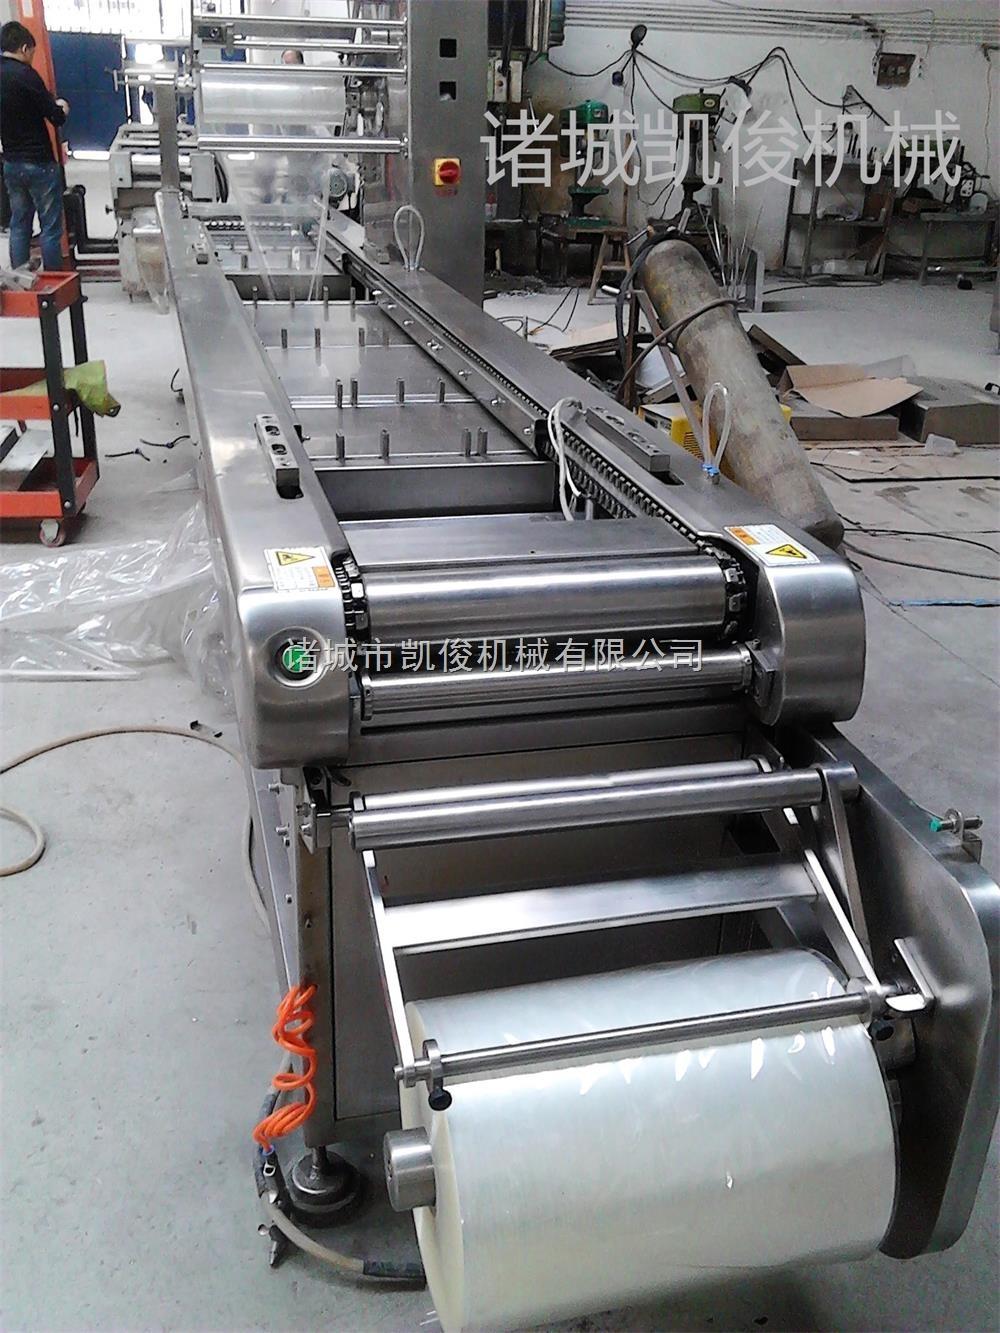 萝卜干拉伸膜真空包装机 连续滚动式真空包装机